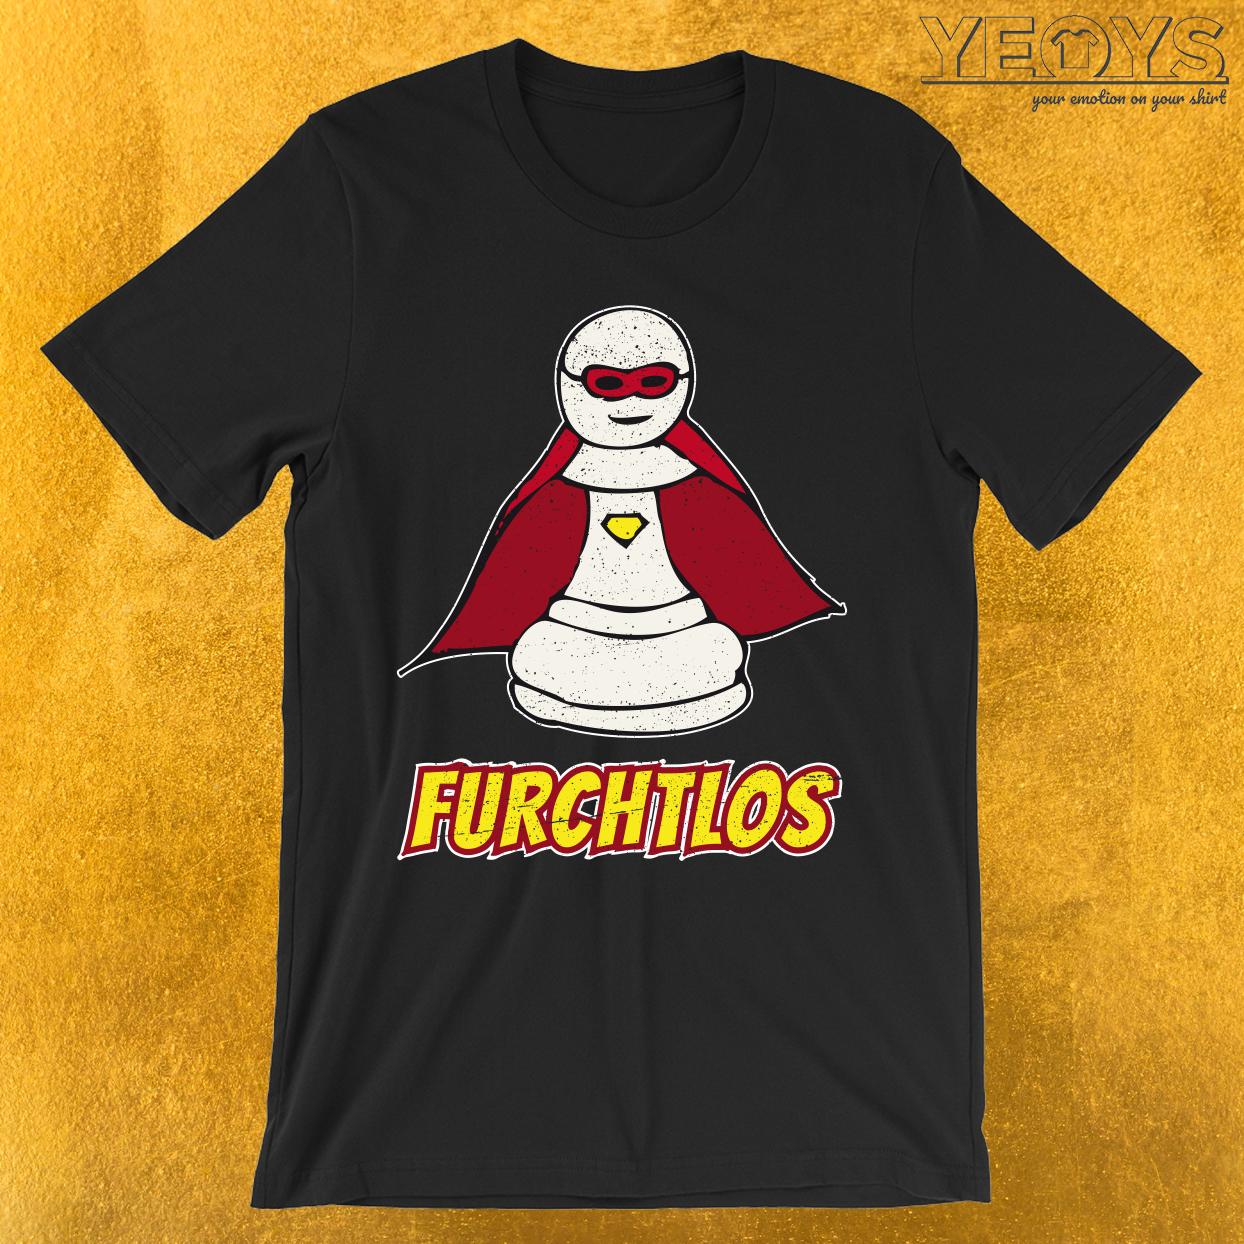 Furchtlose Superheld Bauern Schach Figur T-Shirt